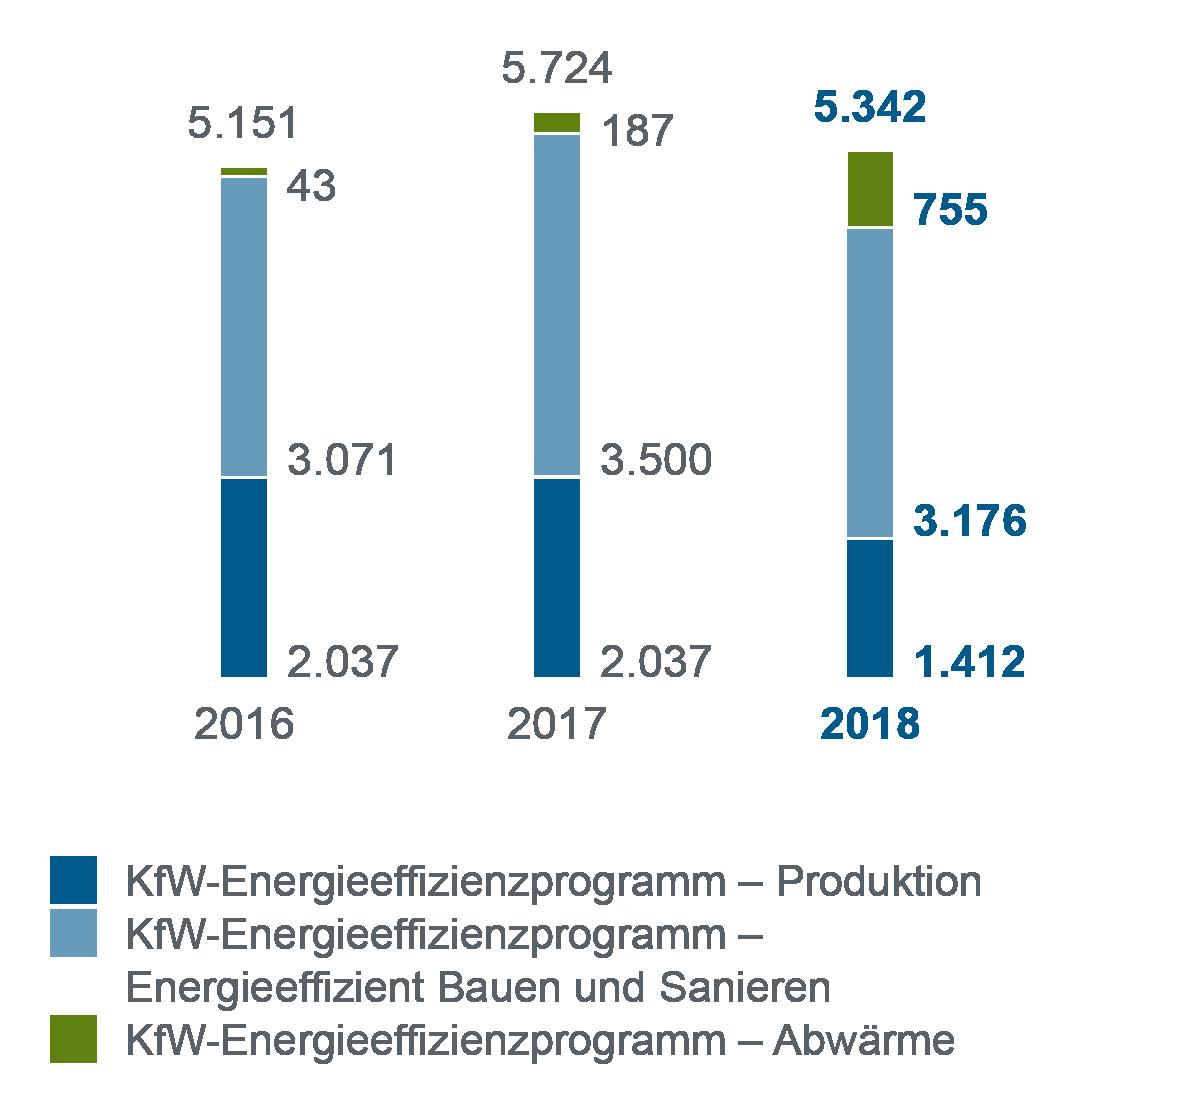 Balkendiagramm zum Jahresvergleich 2016-2018